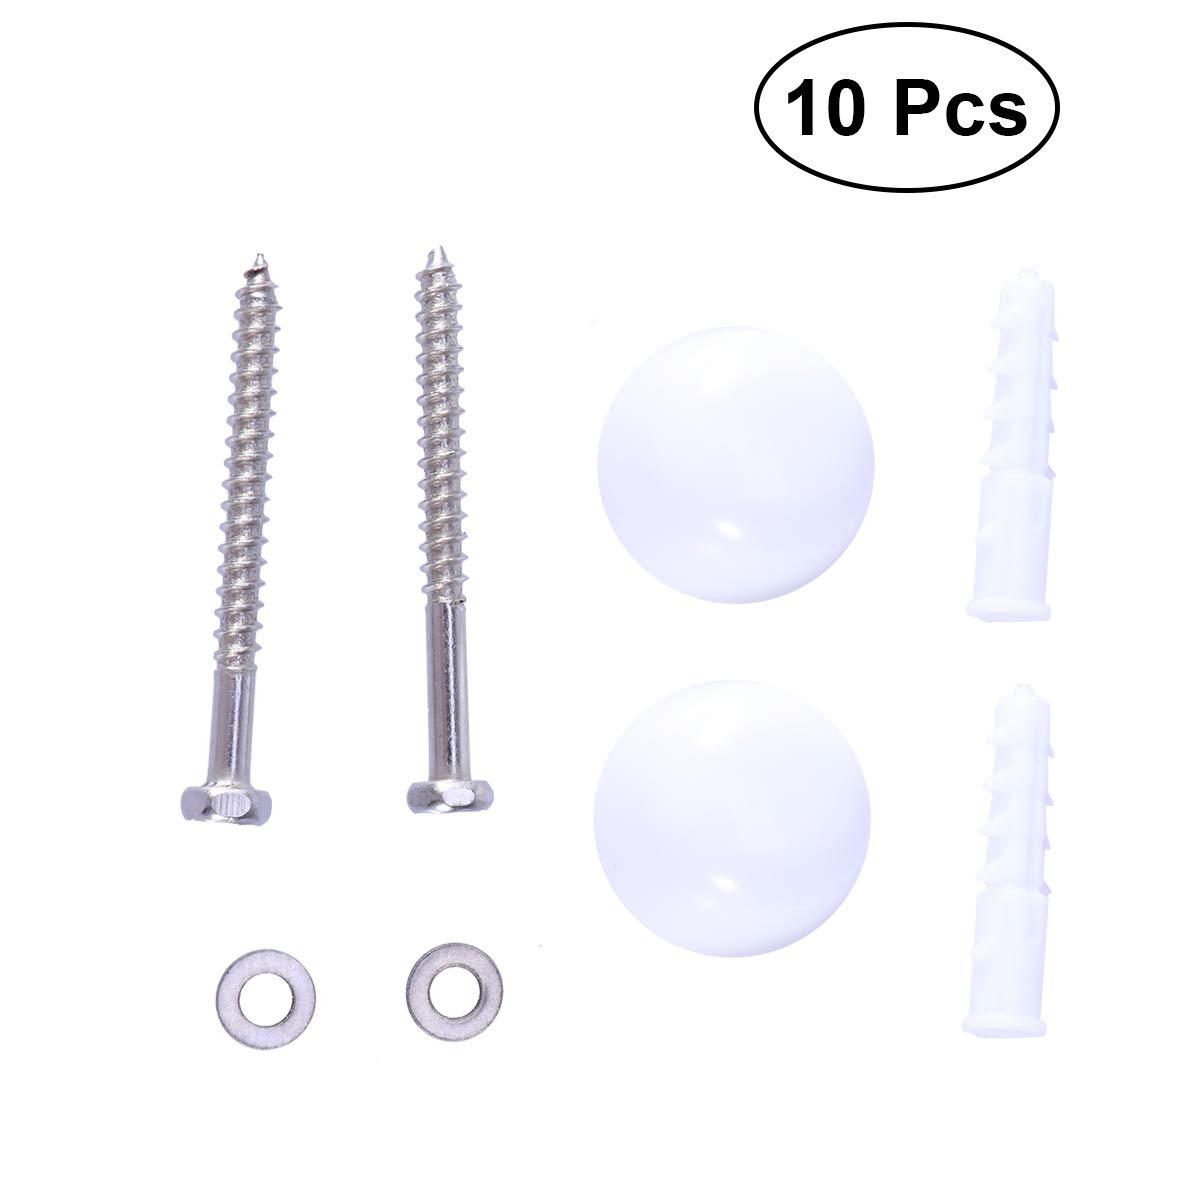 OUNONA Abattant WC kit de Fixation r/éparation Charni/ère de Remplacement de boulons Vis Accessoires 10/pcs